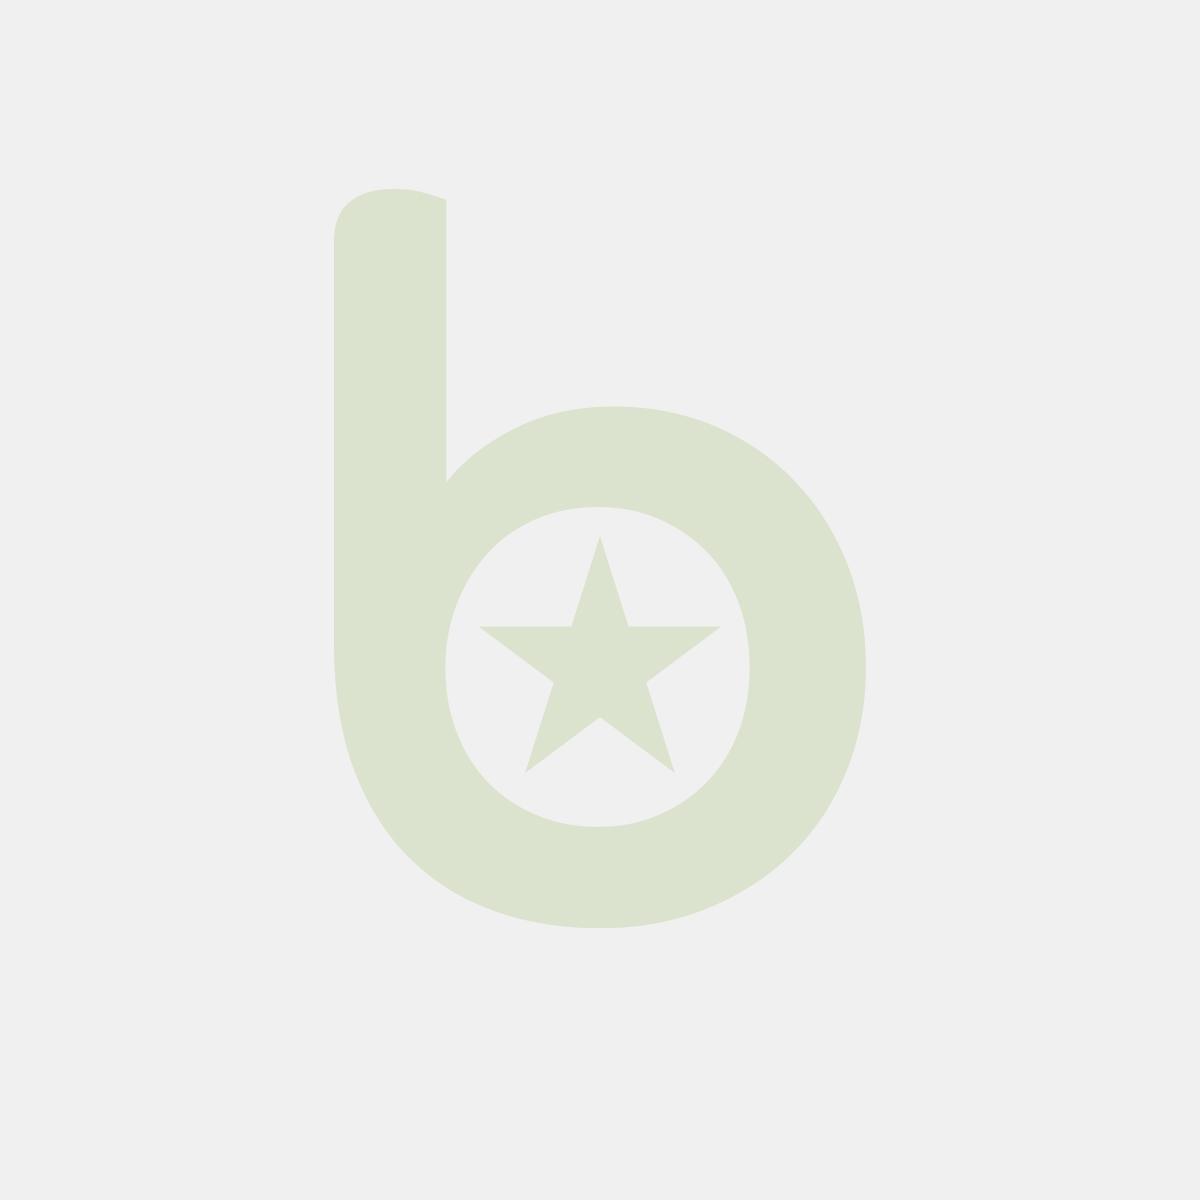 Haczyki wielokrotnego użytku COMMAND™ (W17081 B PL), wodoodporne, białe